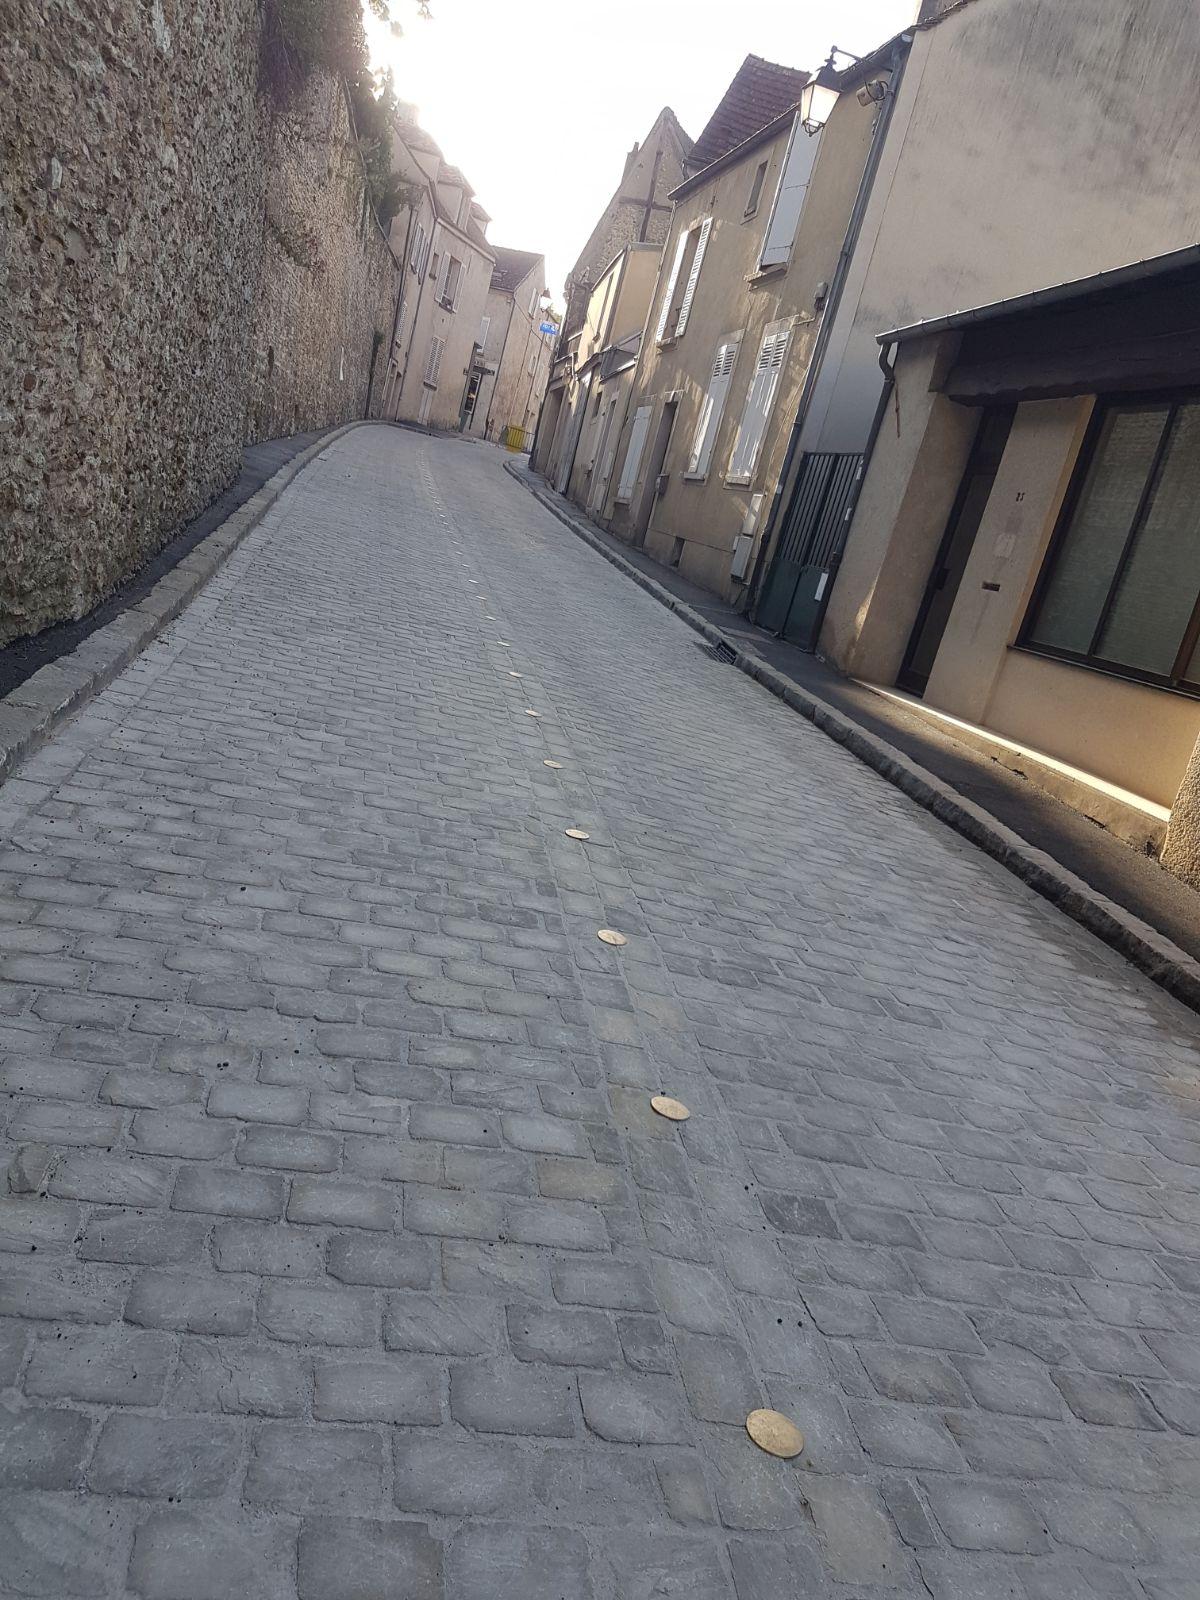 Pavage rue montfort l'amaury